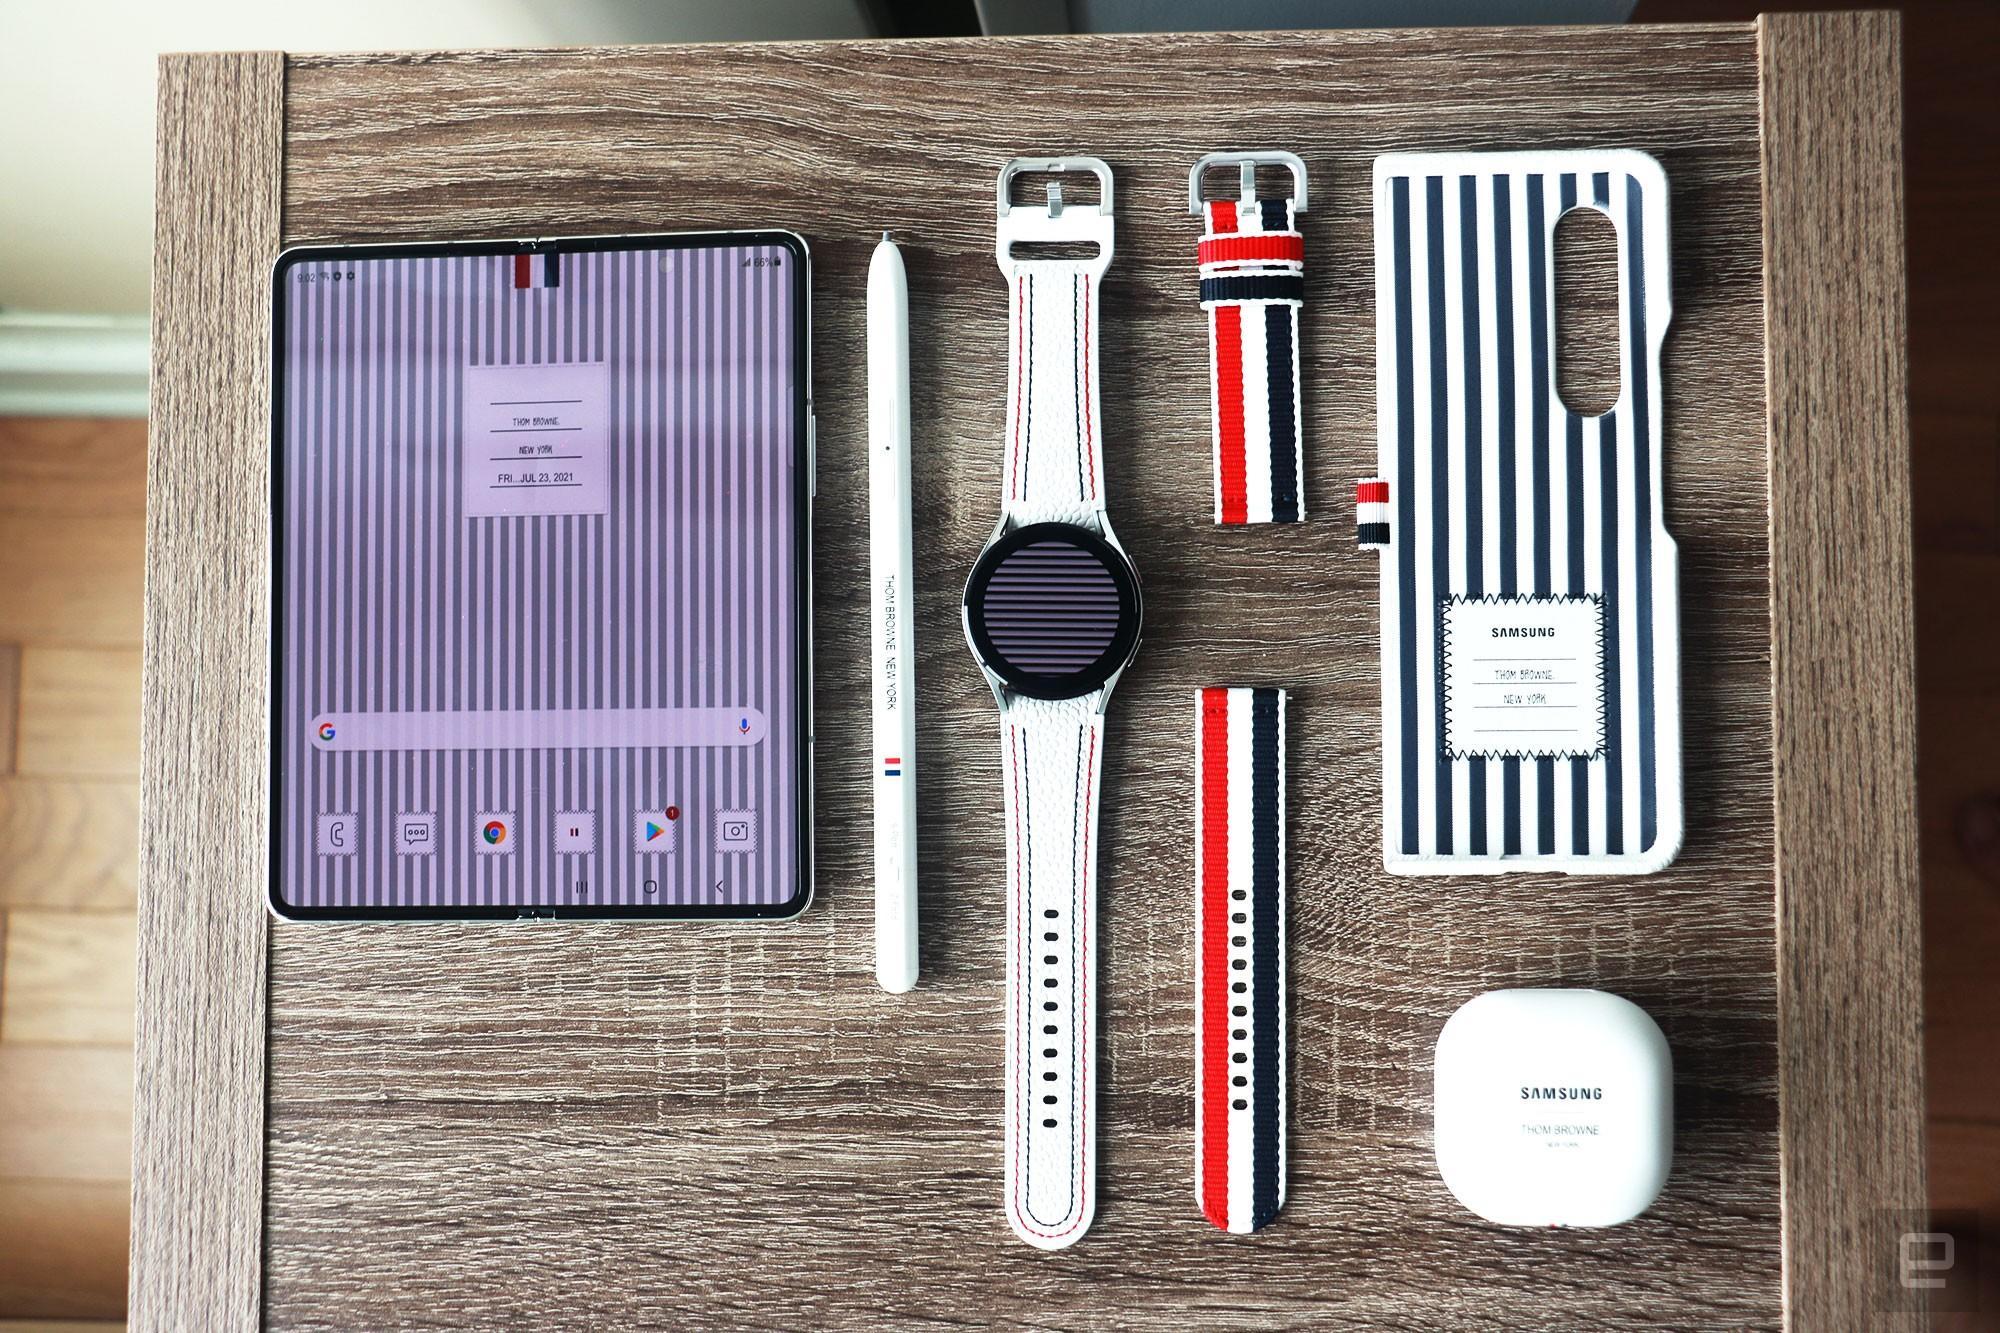 Thom Browne torna a vestire i pieghevoli Samsung: ecco l'edizione speciale dei Galaxy Z Fold 3 e Z Flip 3 (foto)